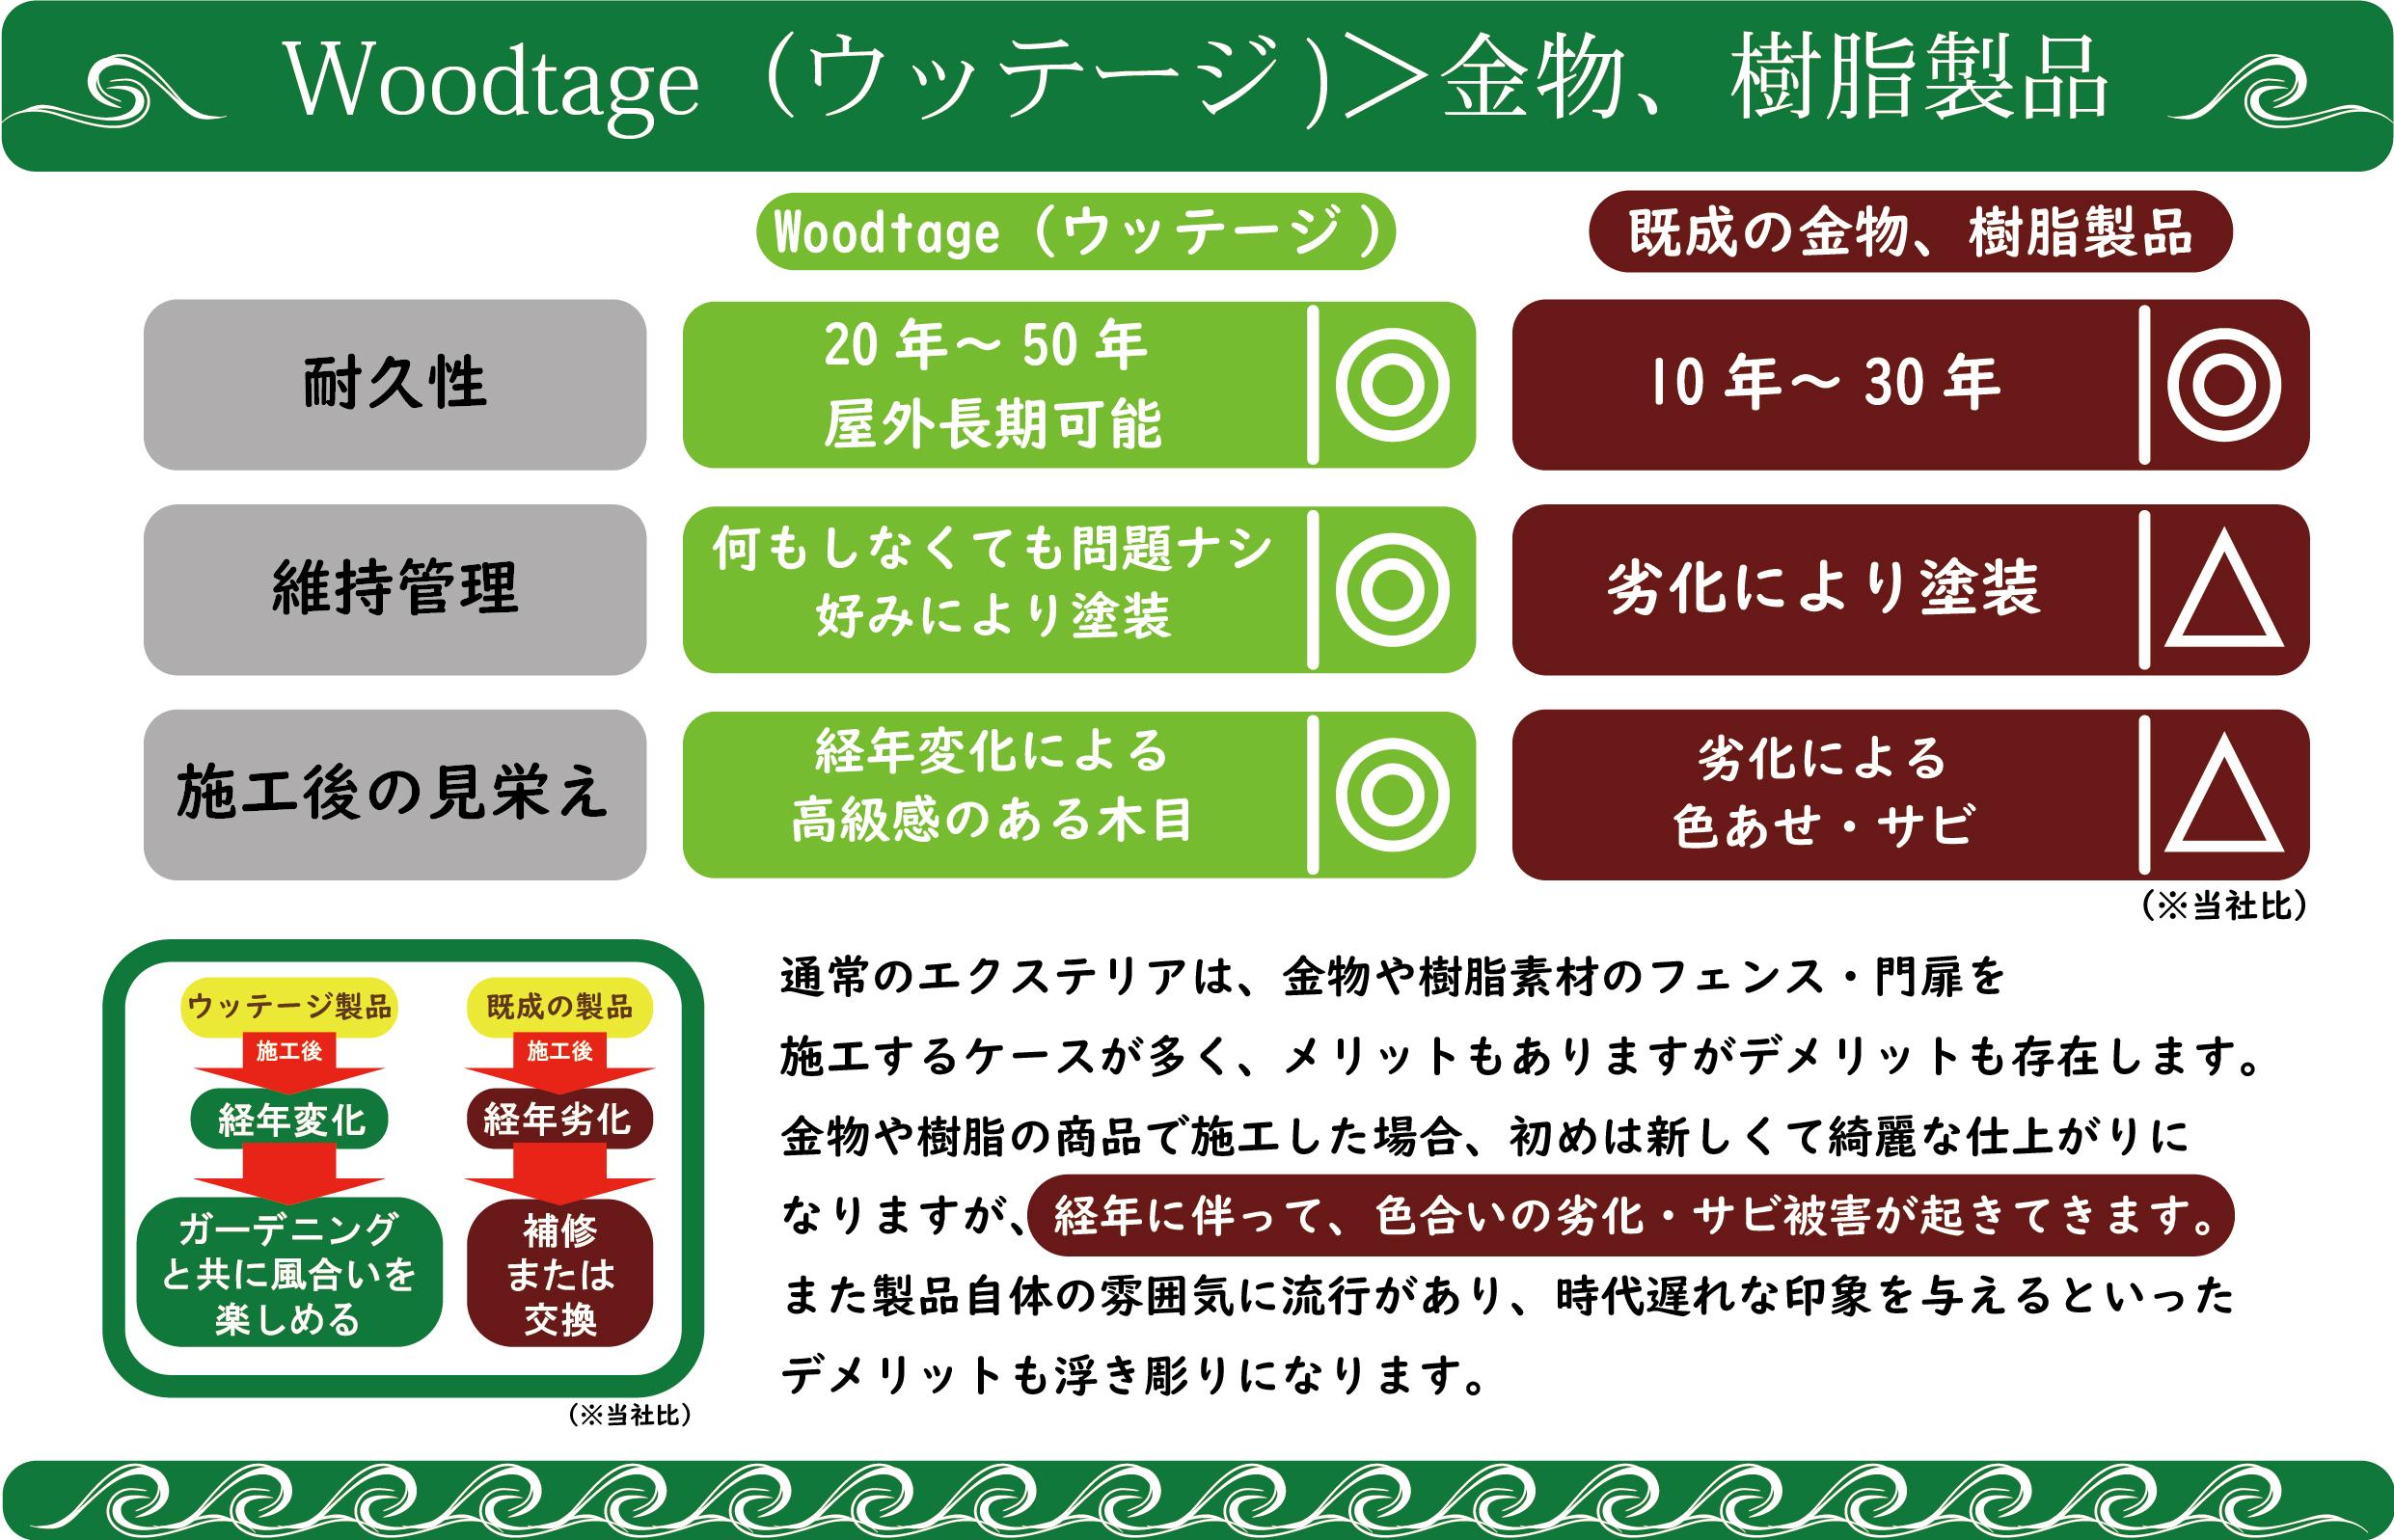 Woodtageページ用画像製品案内_製品案内